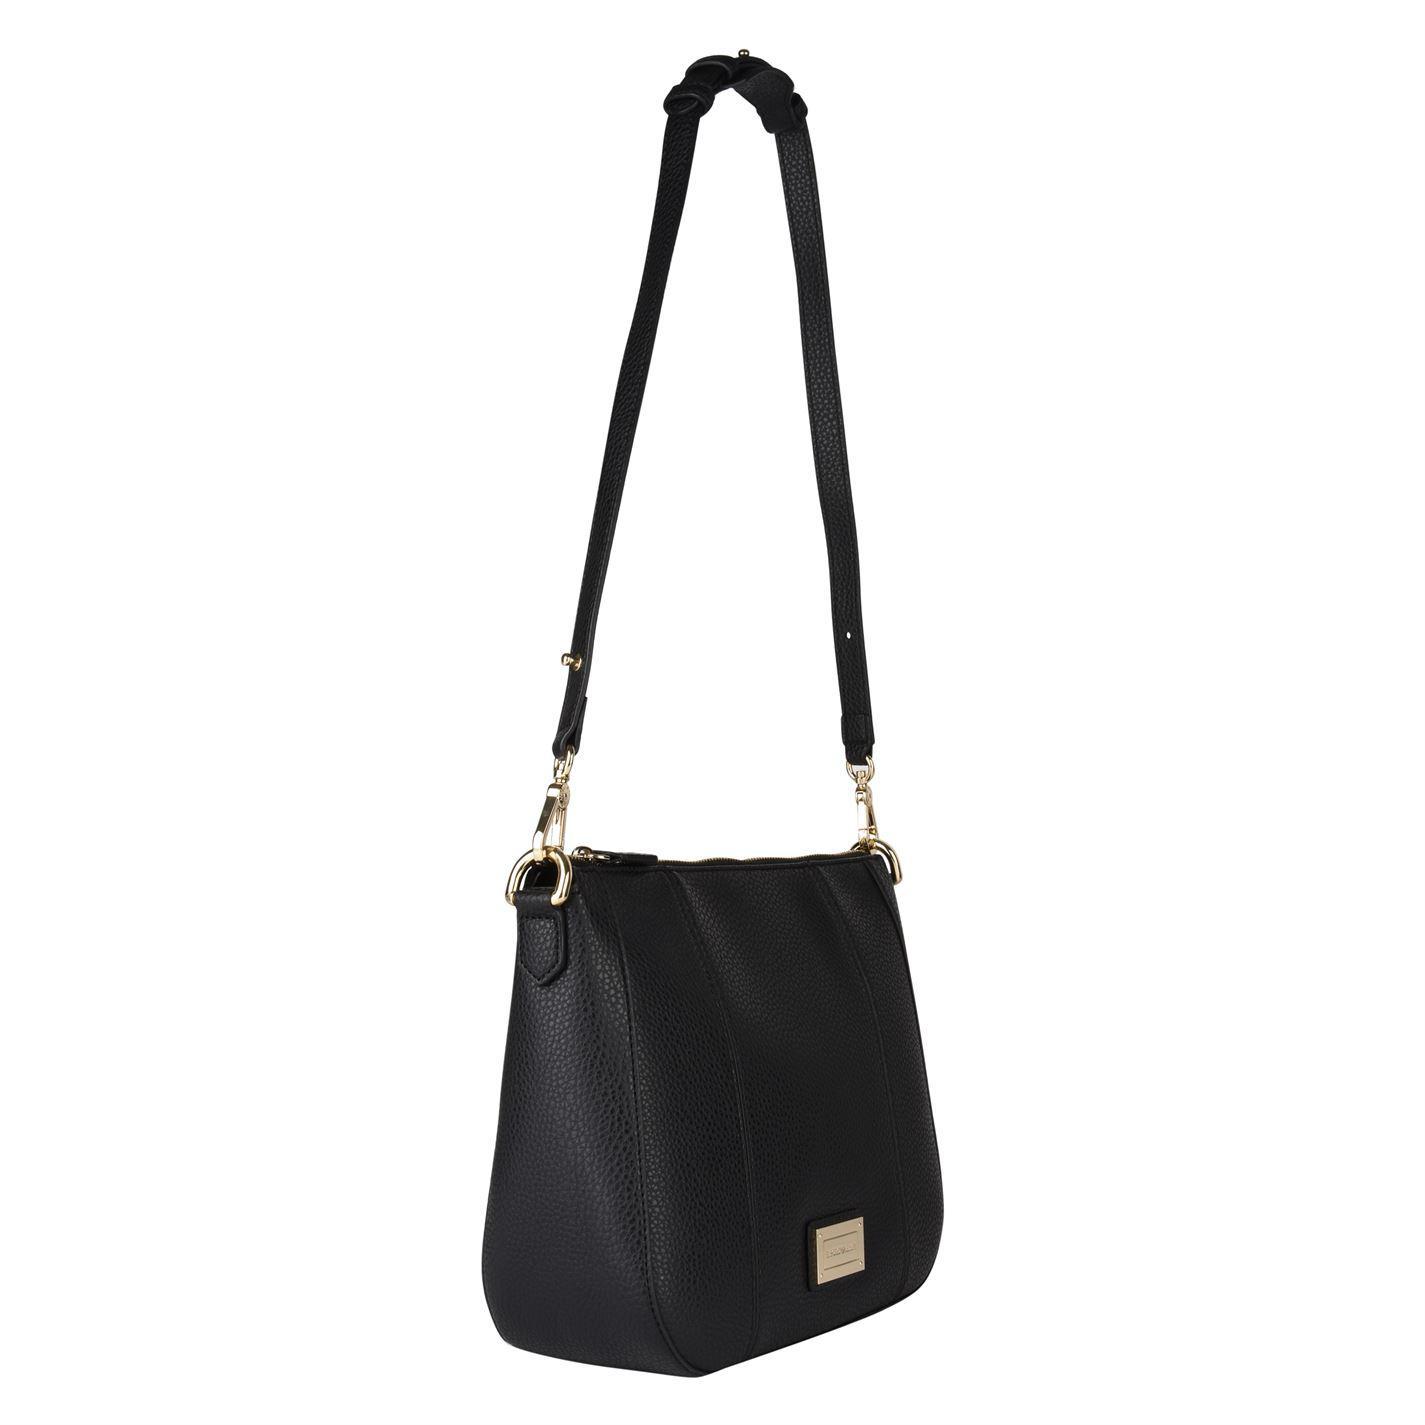 022333676150 Lyst - Emporio Armani Spalla Pebbled Cross Body Bag in Black